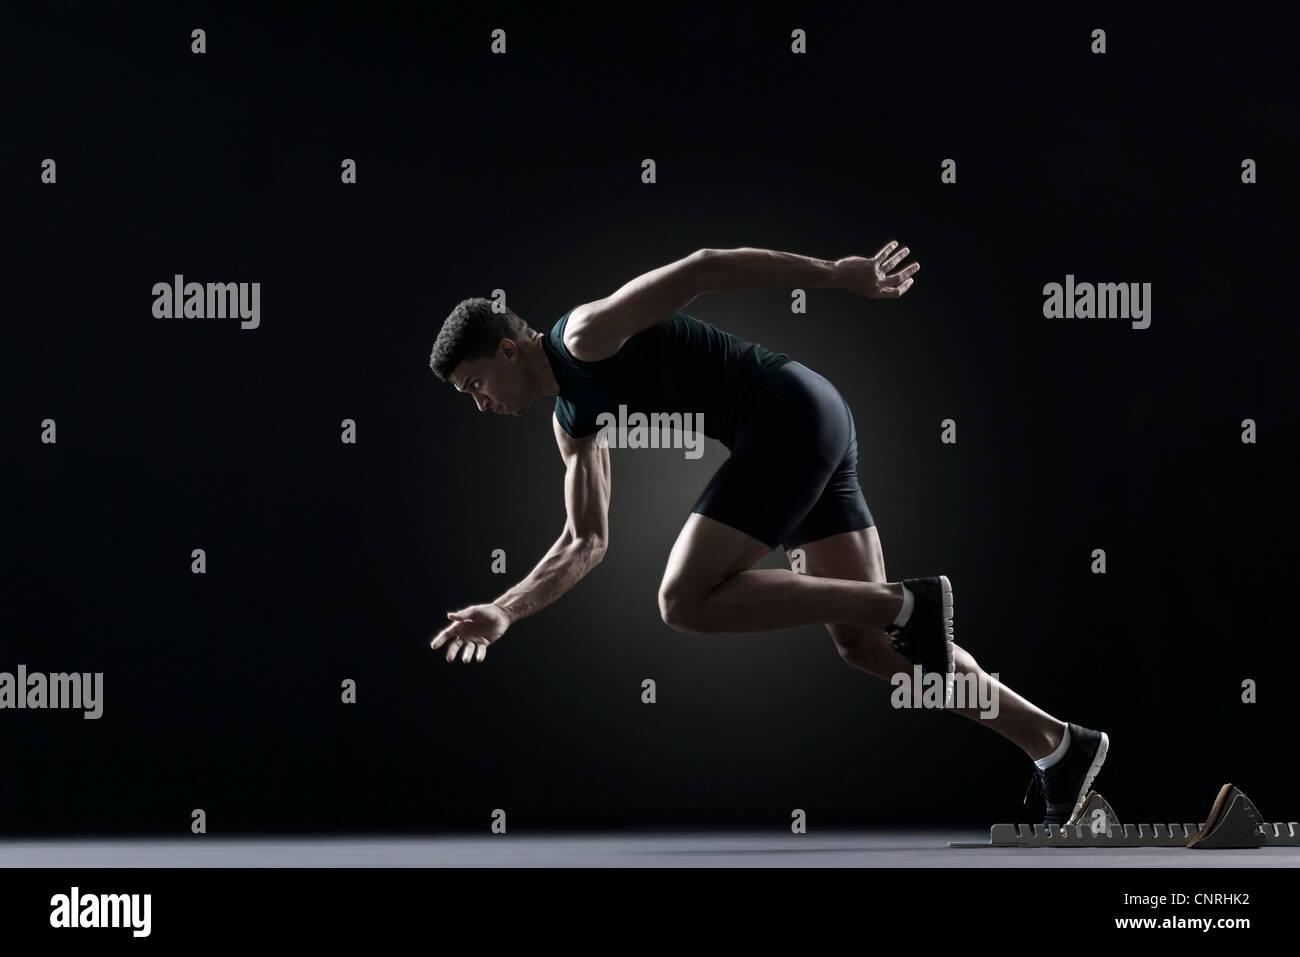 Runner leaving starting block - Stock Image